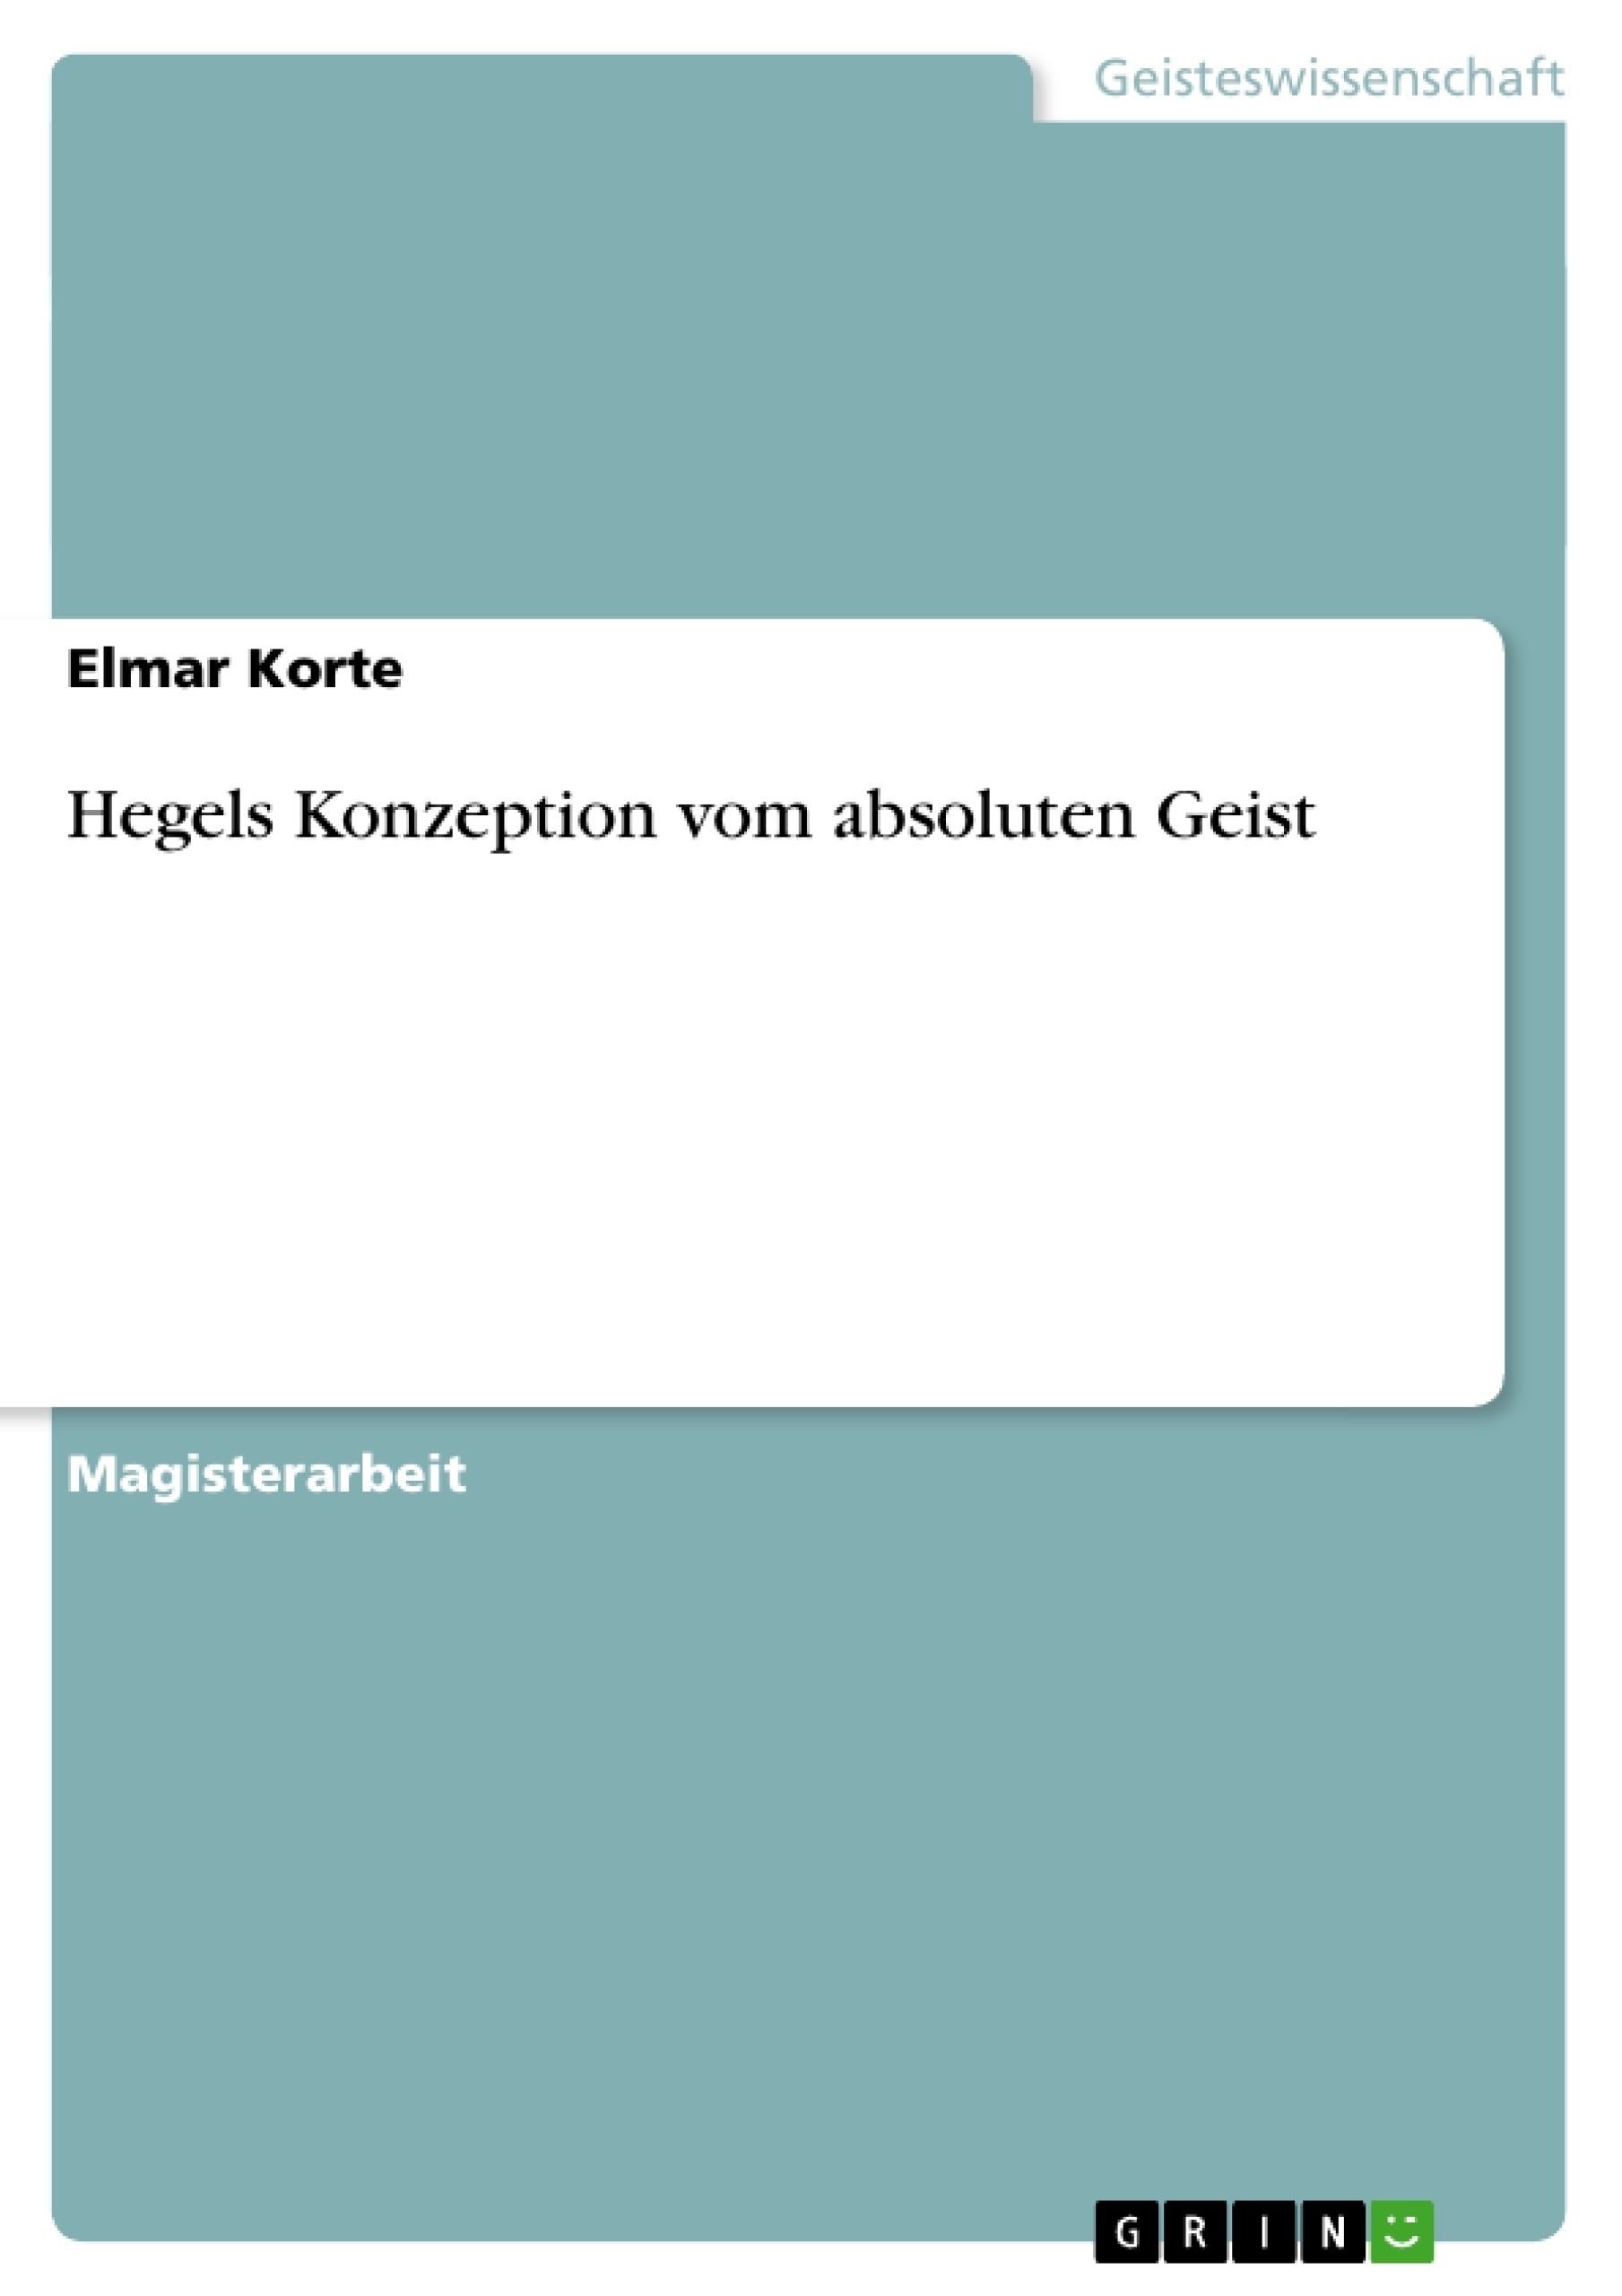 Titel: Hegels Konzeption vom absoluten Geist